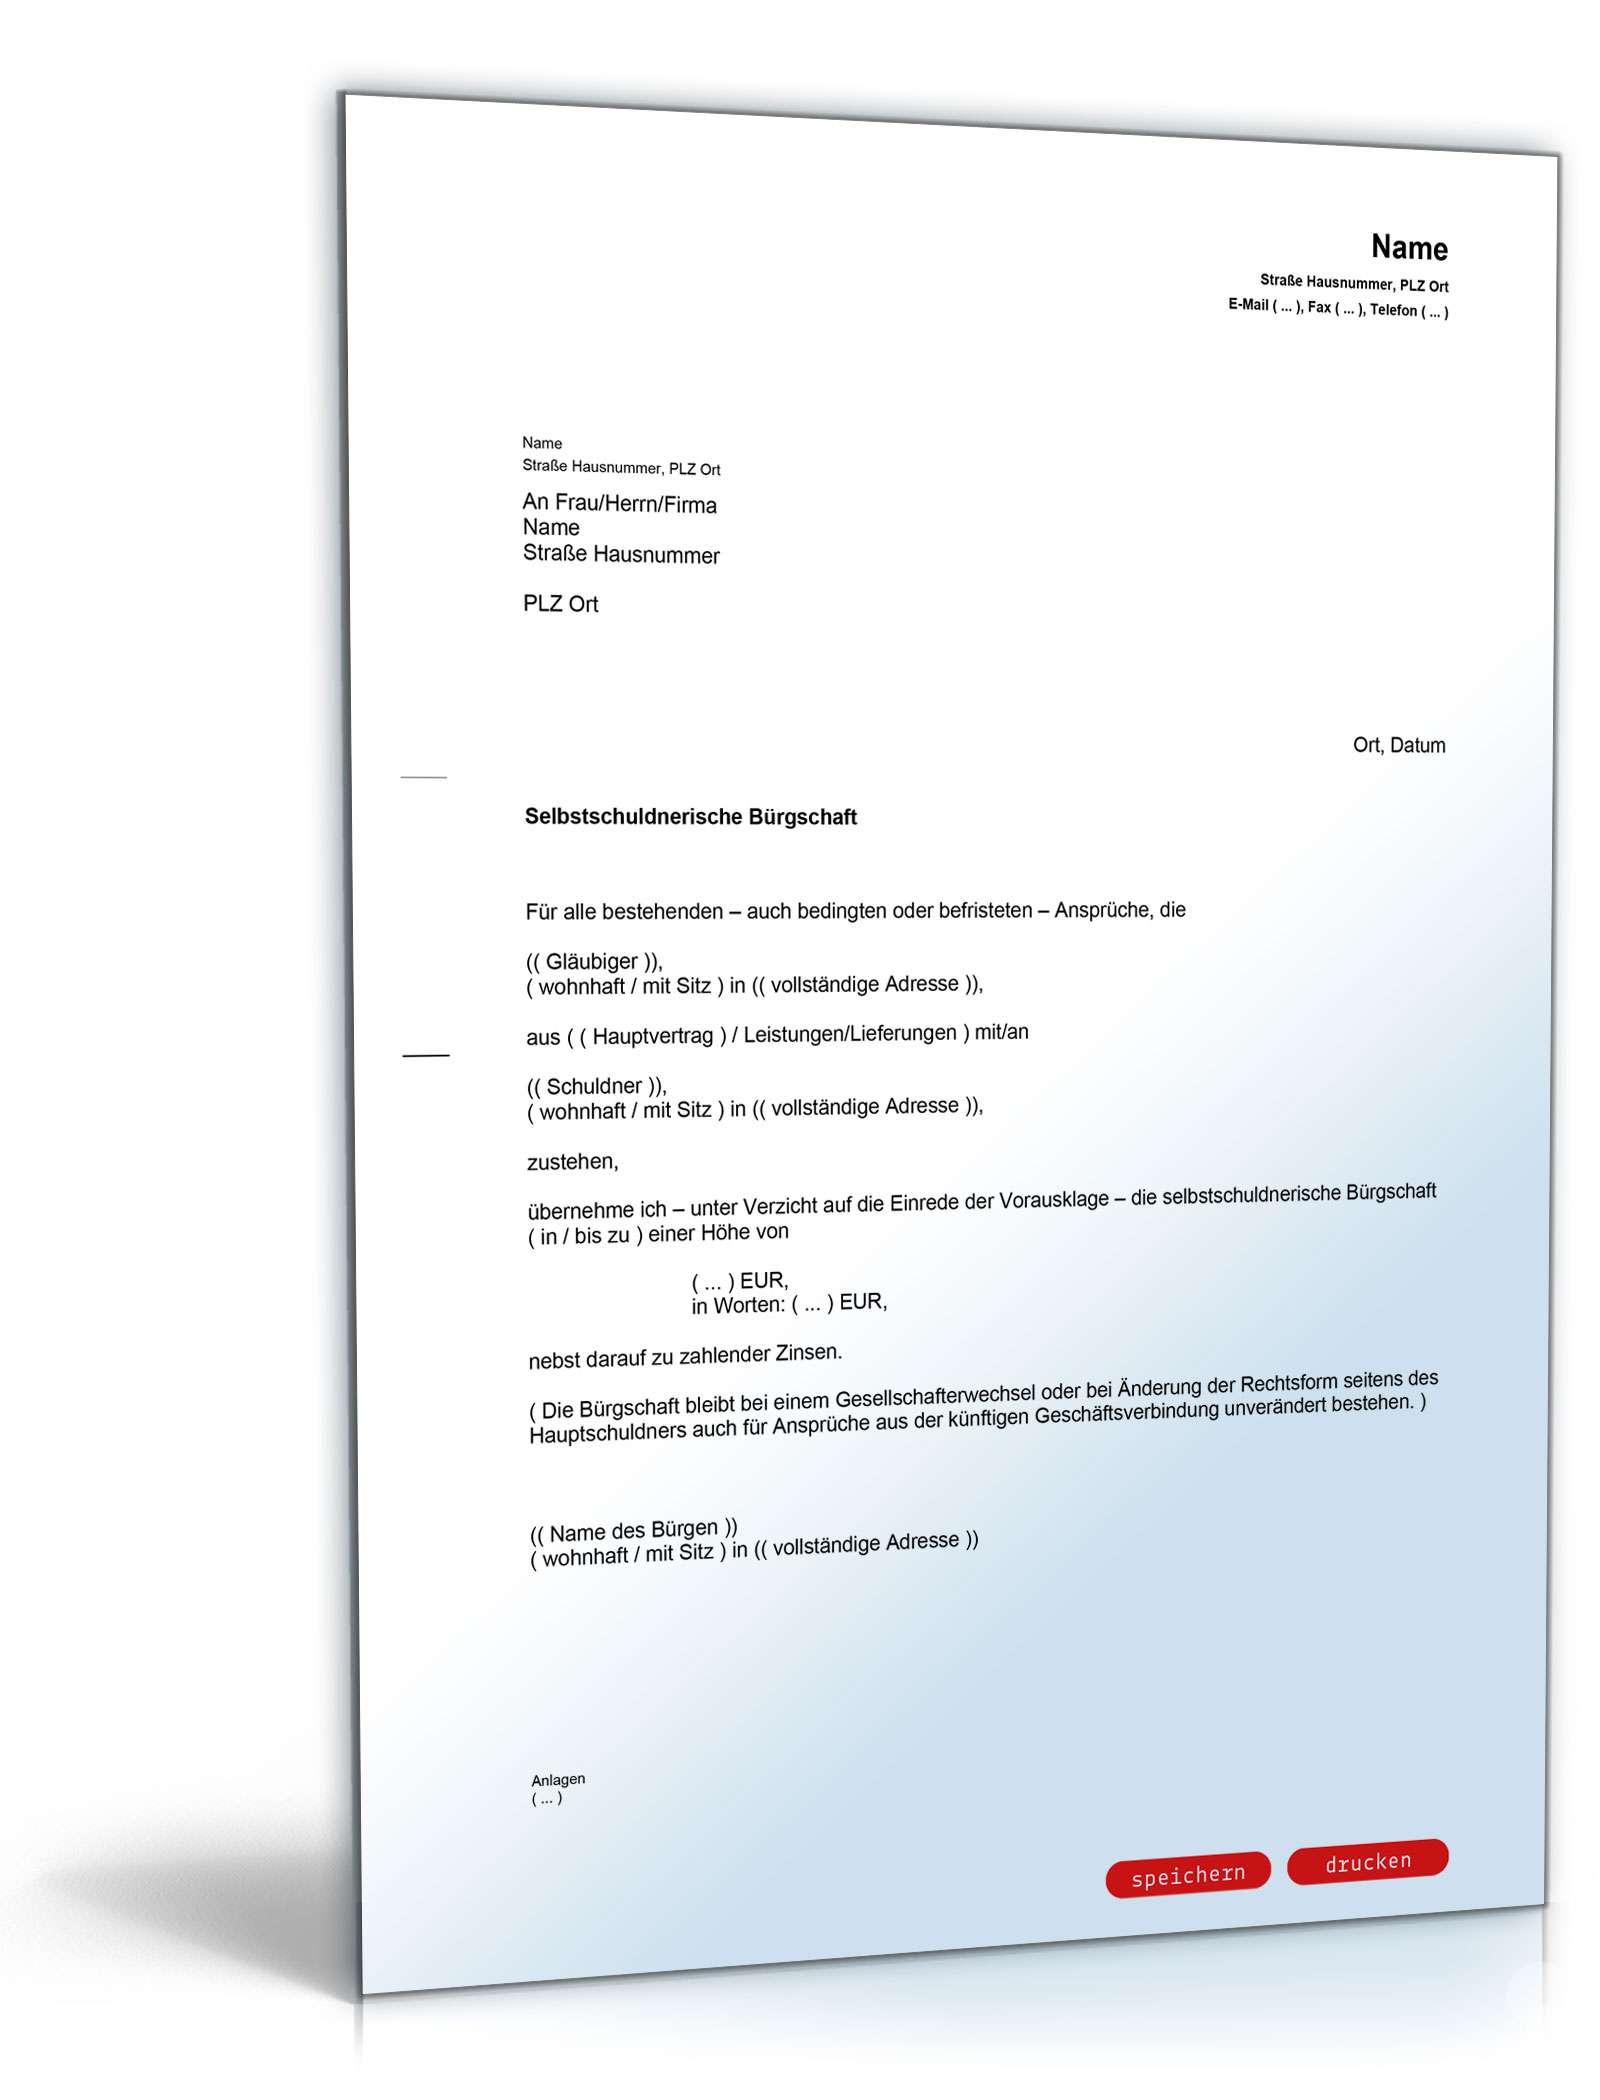 Selbstschuldnerische Bürgschaft Als Brief Muster Vorlage Zum Download